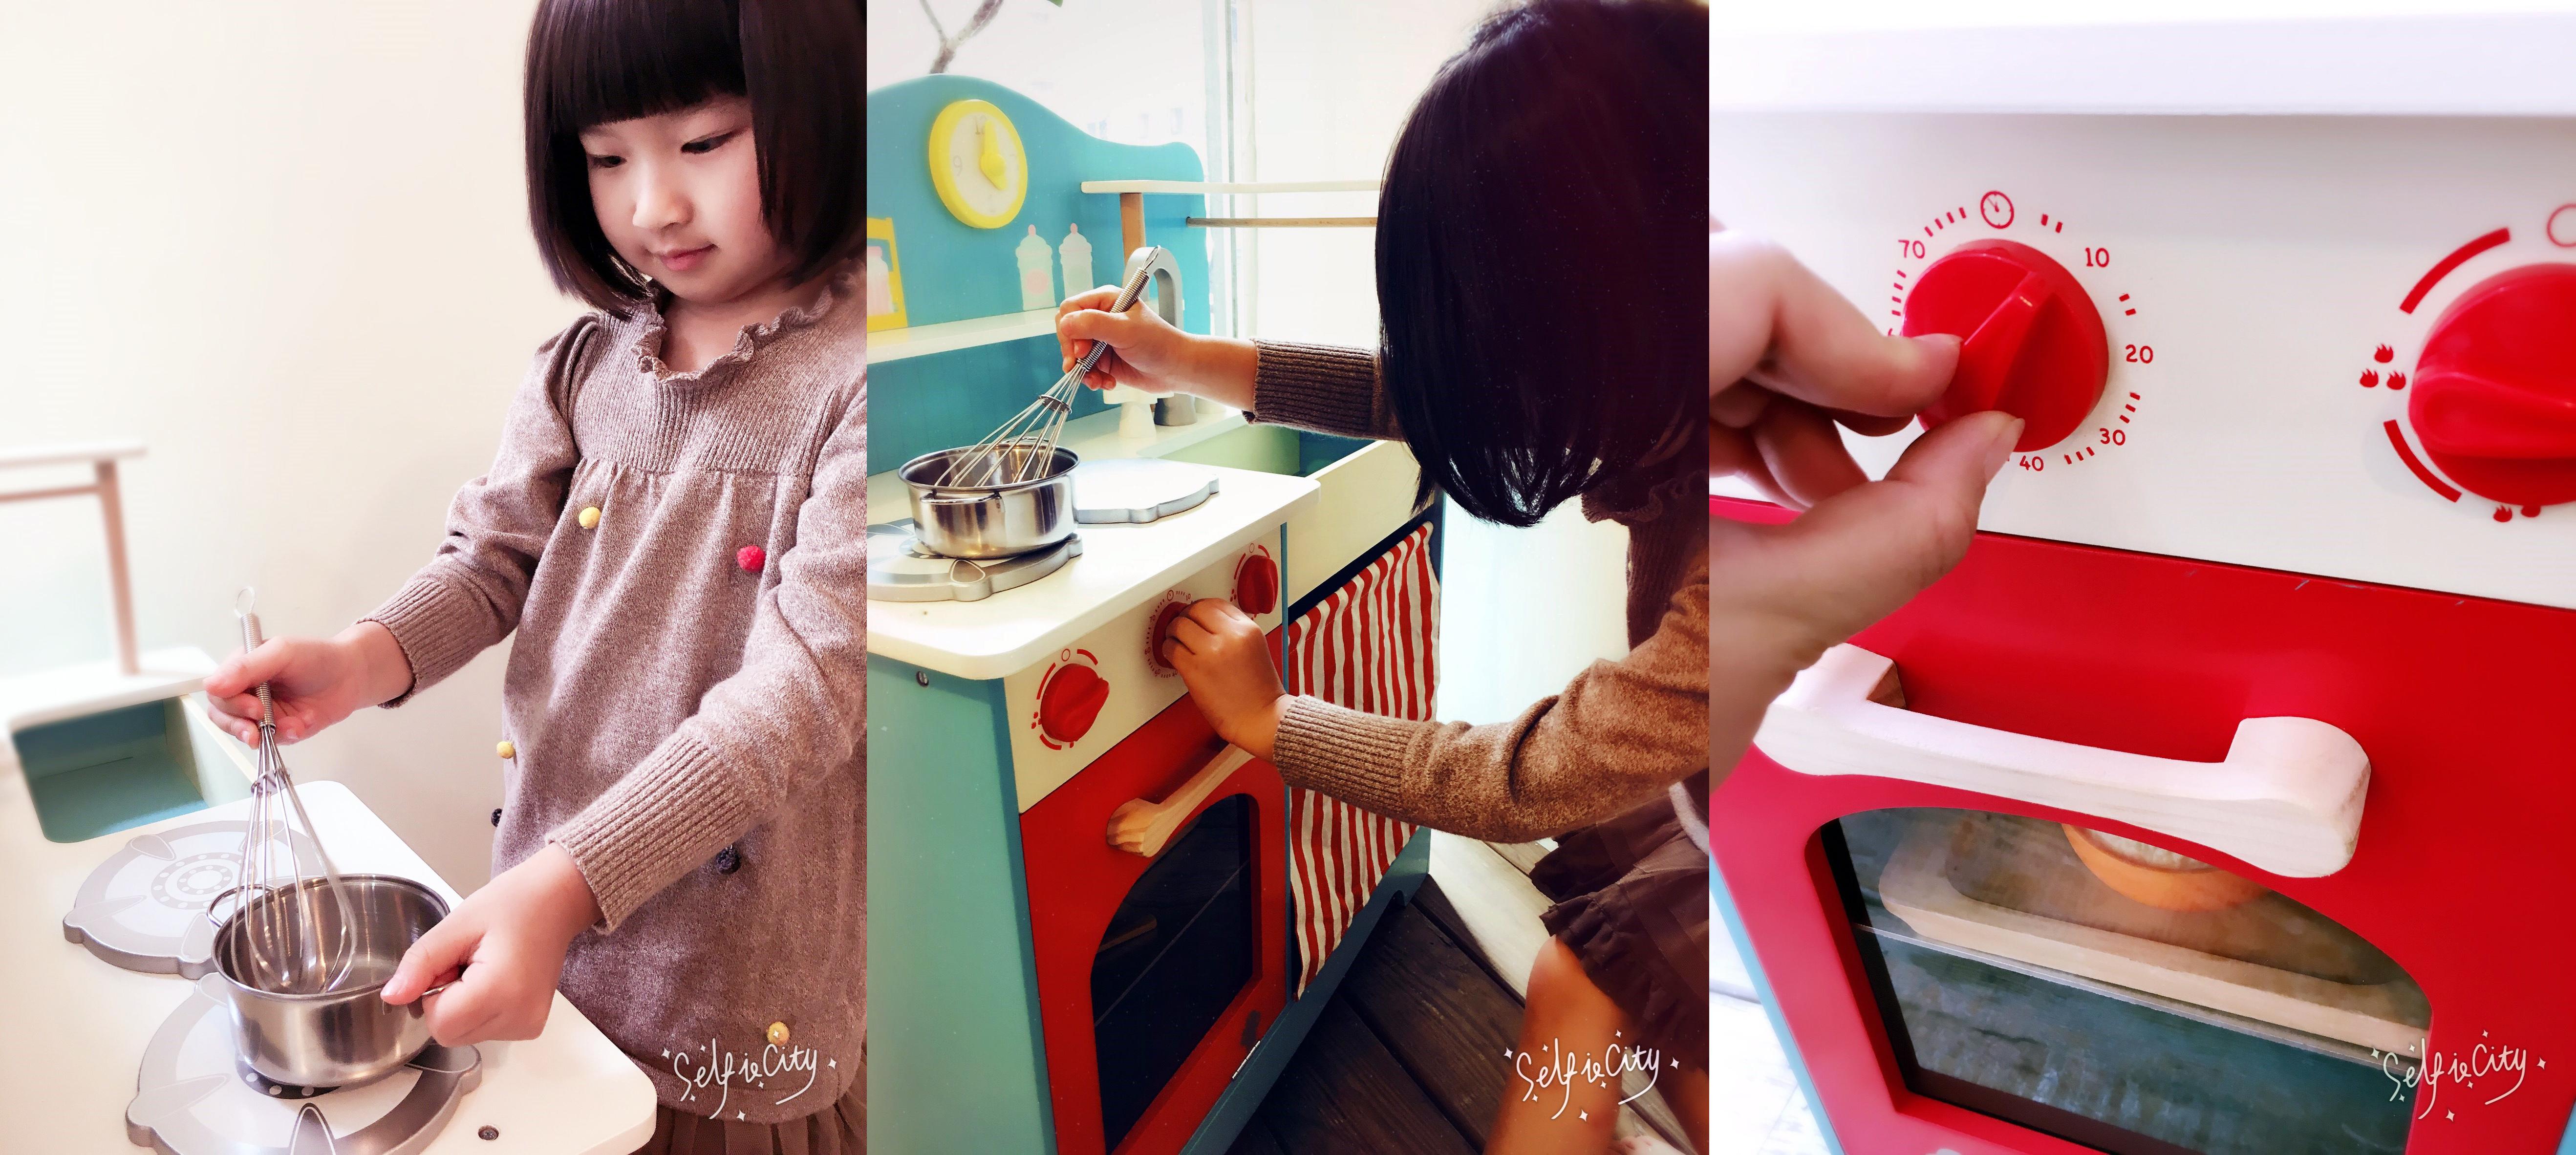 廚房_07